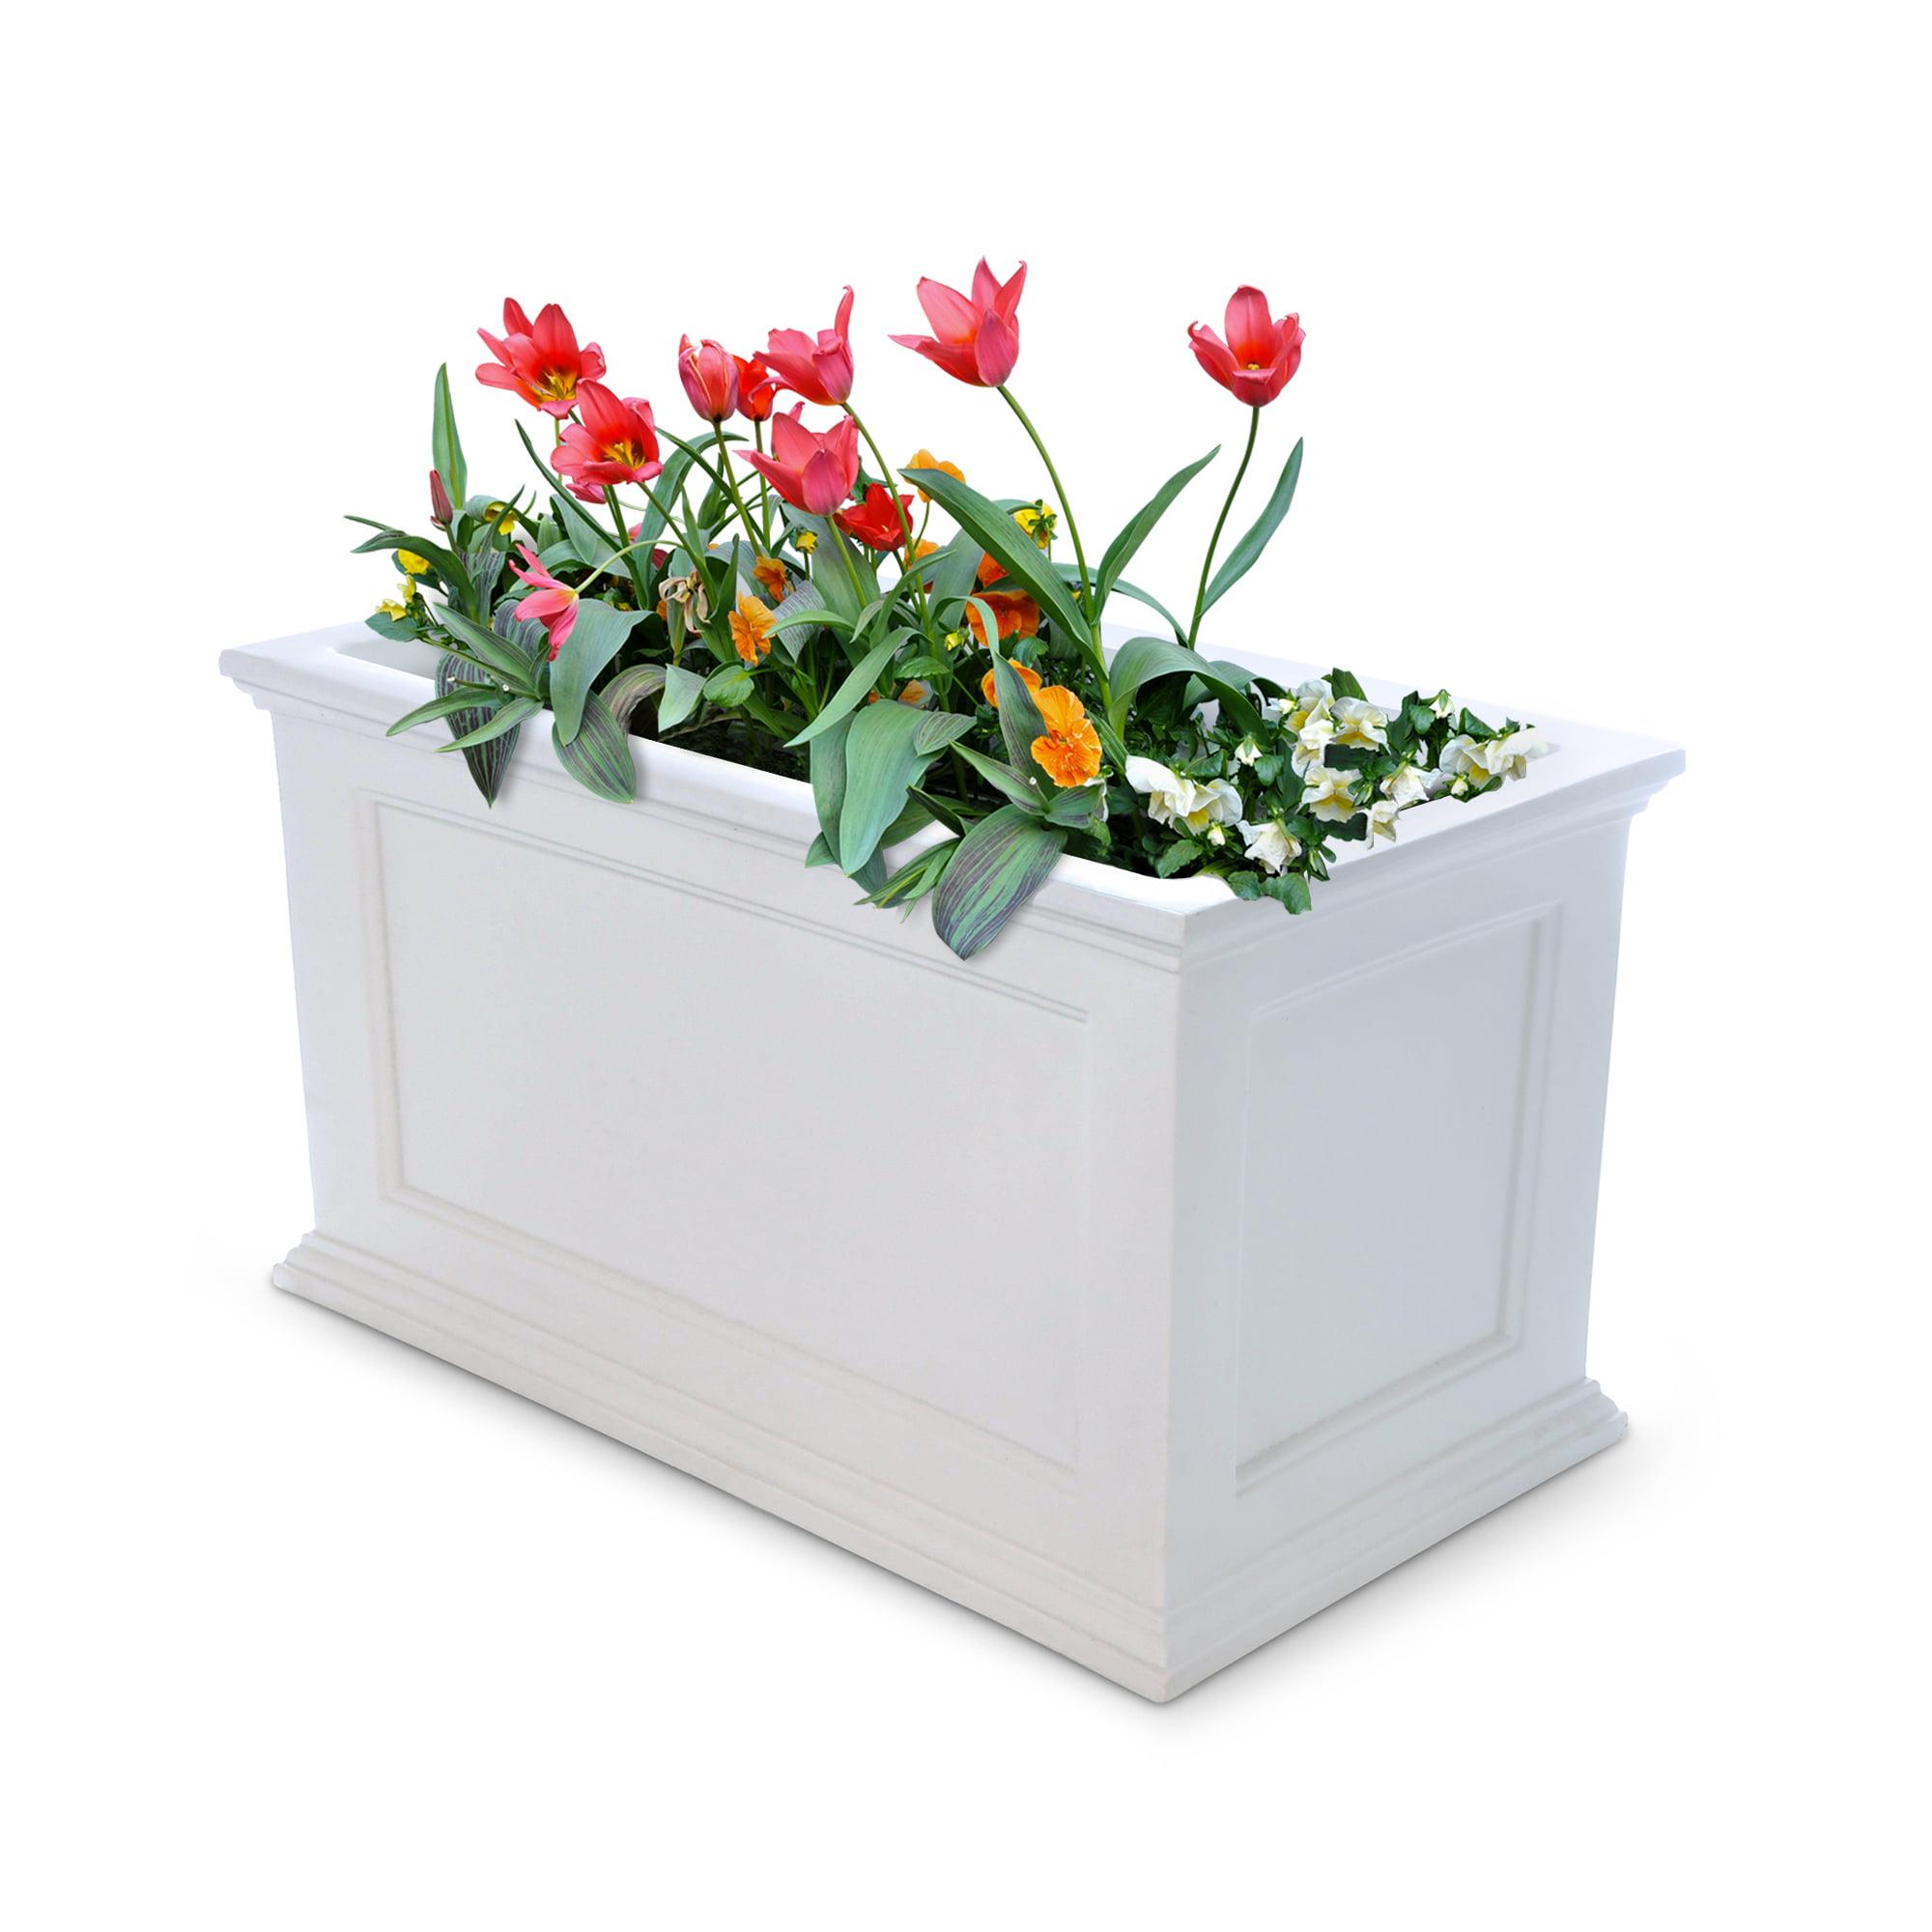 Fairfield Patio Planter 20x36 White